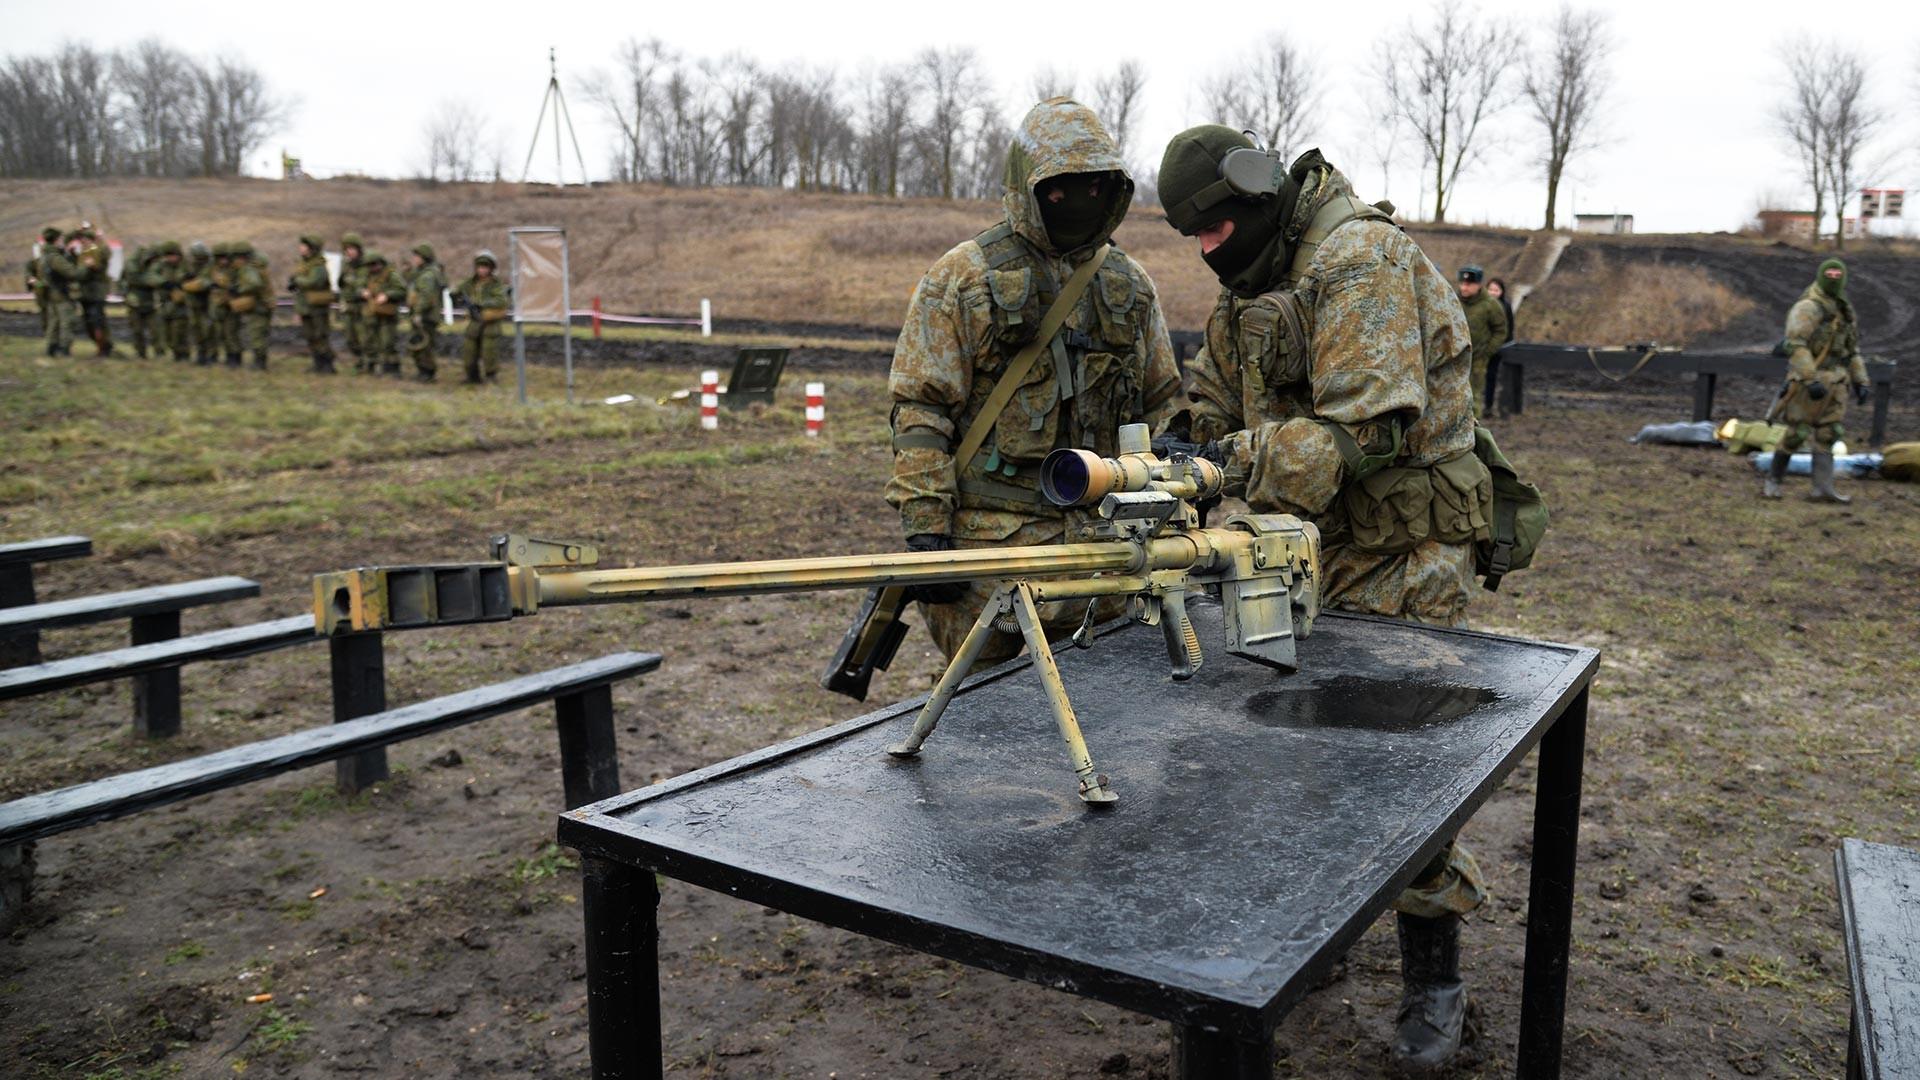 Тактическа бойна стрелба на снайперски двойки във Воронежка област